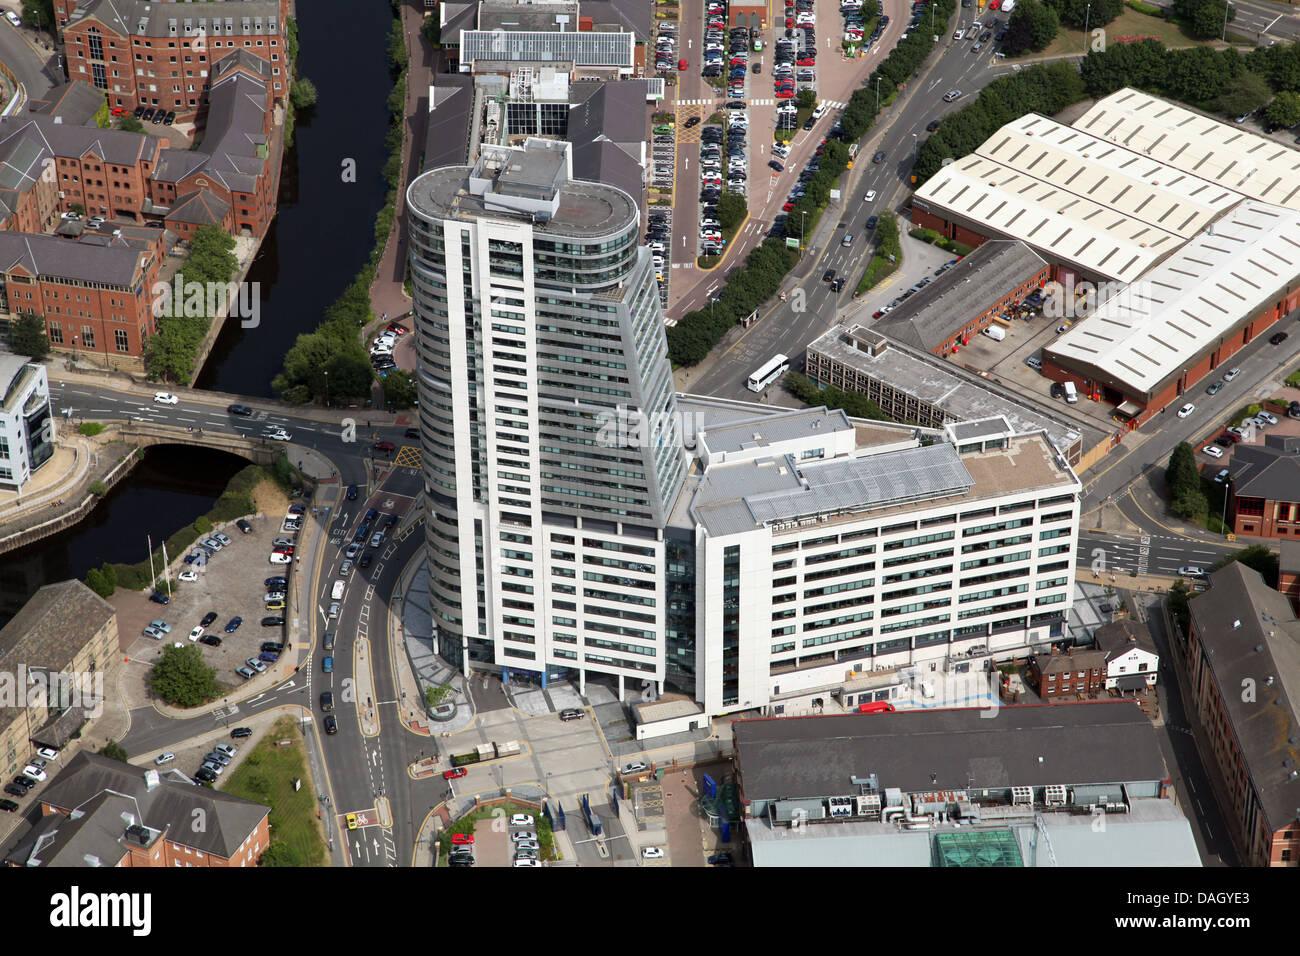 Vue aérienne de Bridgewater Place Apartments dans le centre-ville de Leeds Photo Stock